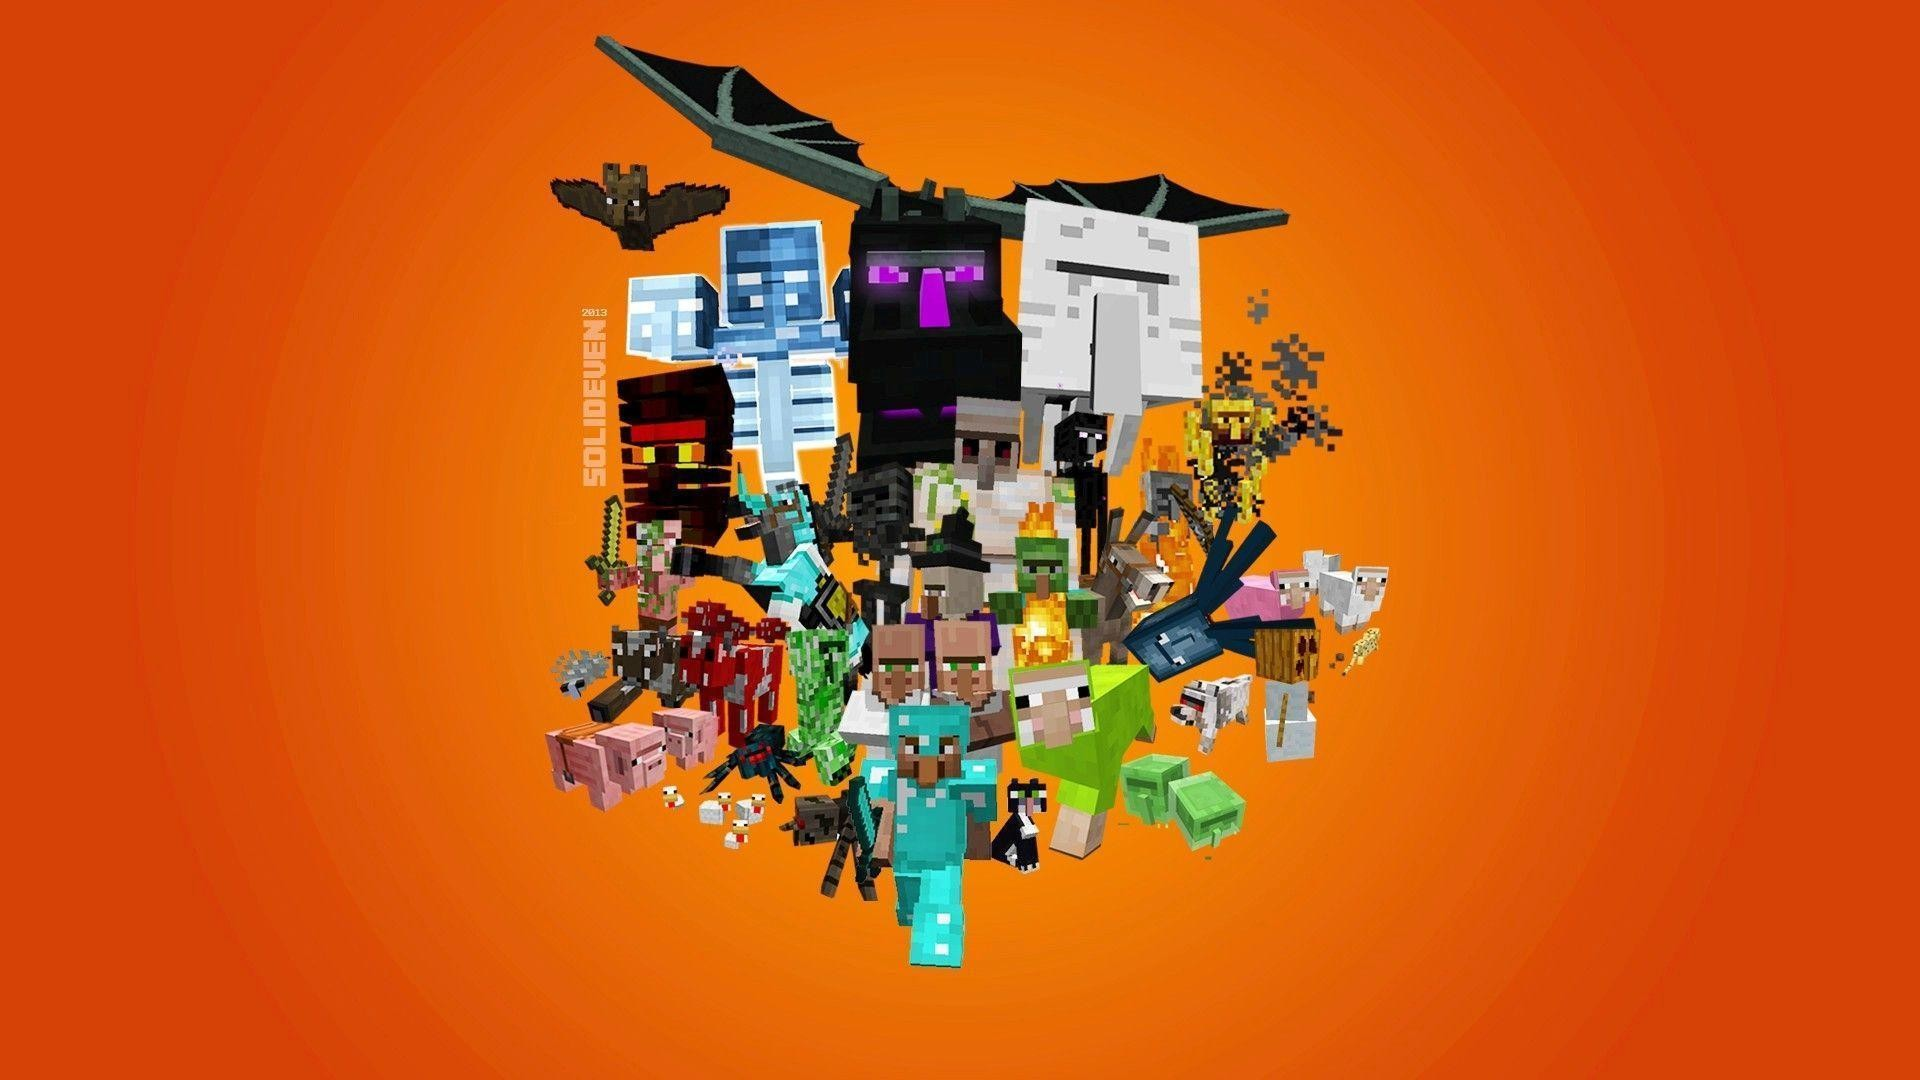 2732x2048 Minecraft Herobrine Face - wallpaper. minecraft wallpaper herobrine | Minecraft Seeds PC | Xbox | PE | Ps4 ..